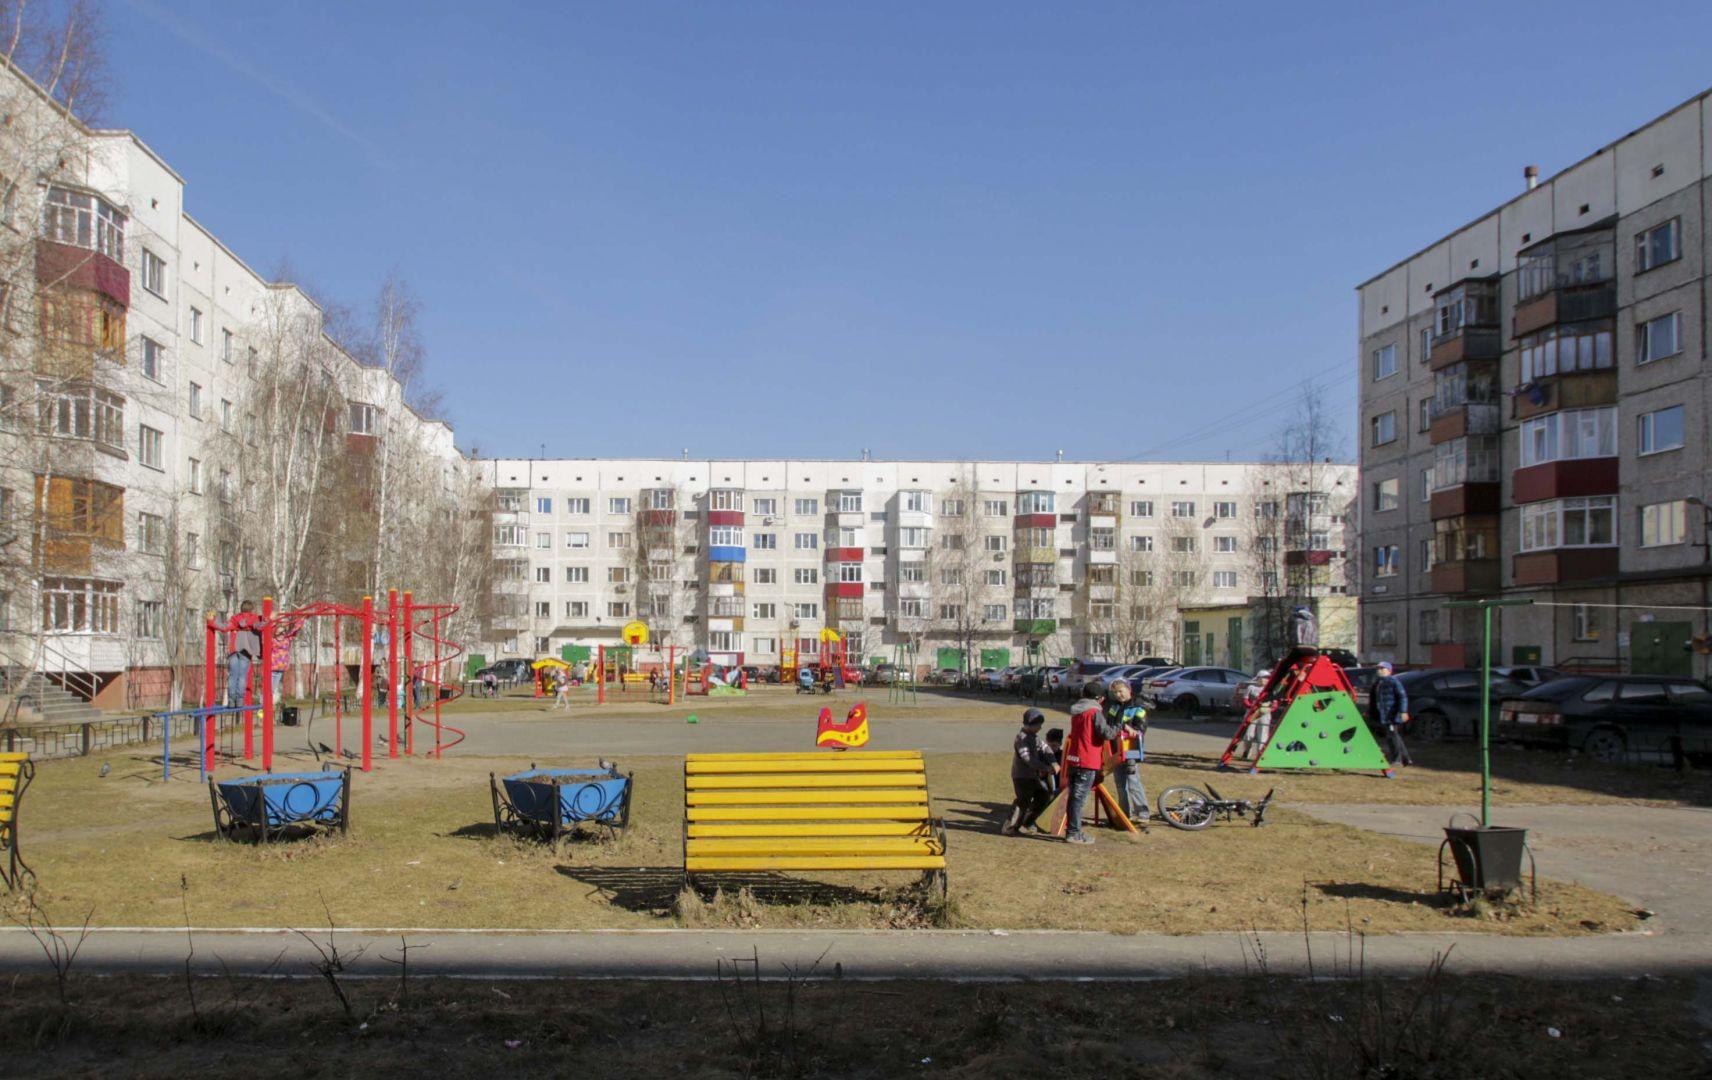 Продается однокомнатная квартира за 3 300 000 рублей. 13А мкр, ул. Островского, д. 21 к1 (1.1 км до центра).